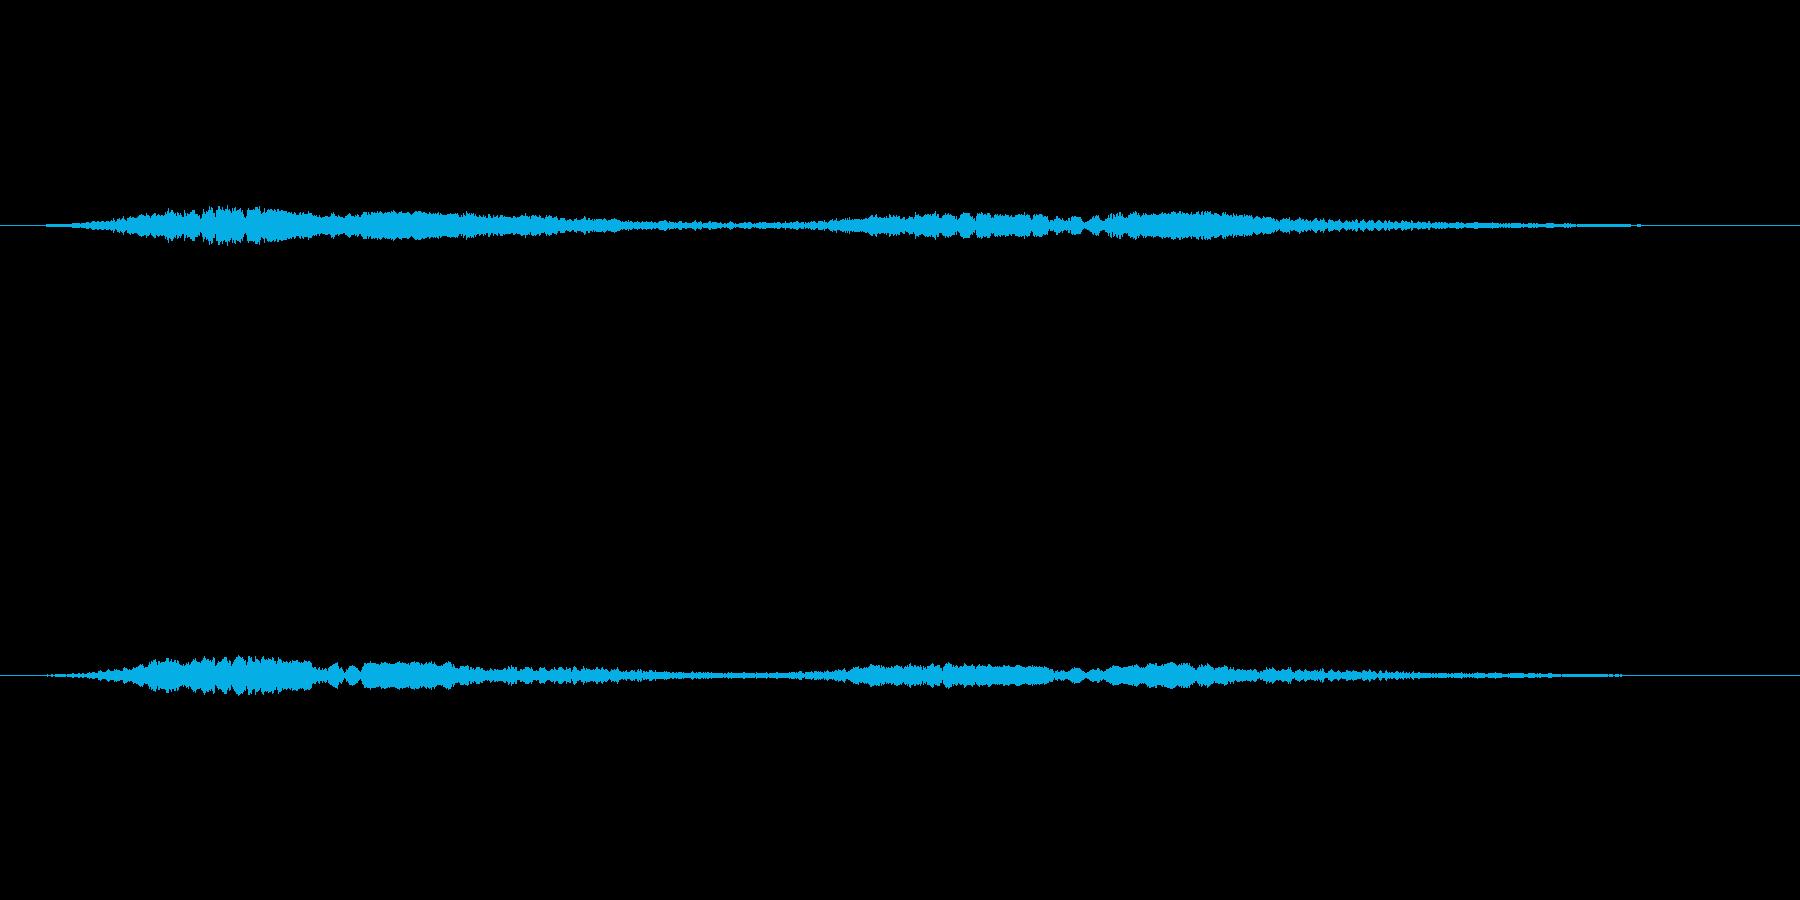 「お化けが出そうな音」の再生済みの波形